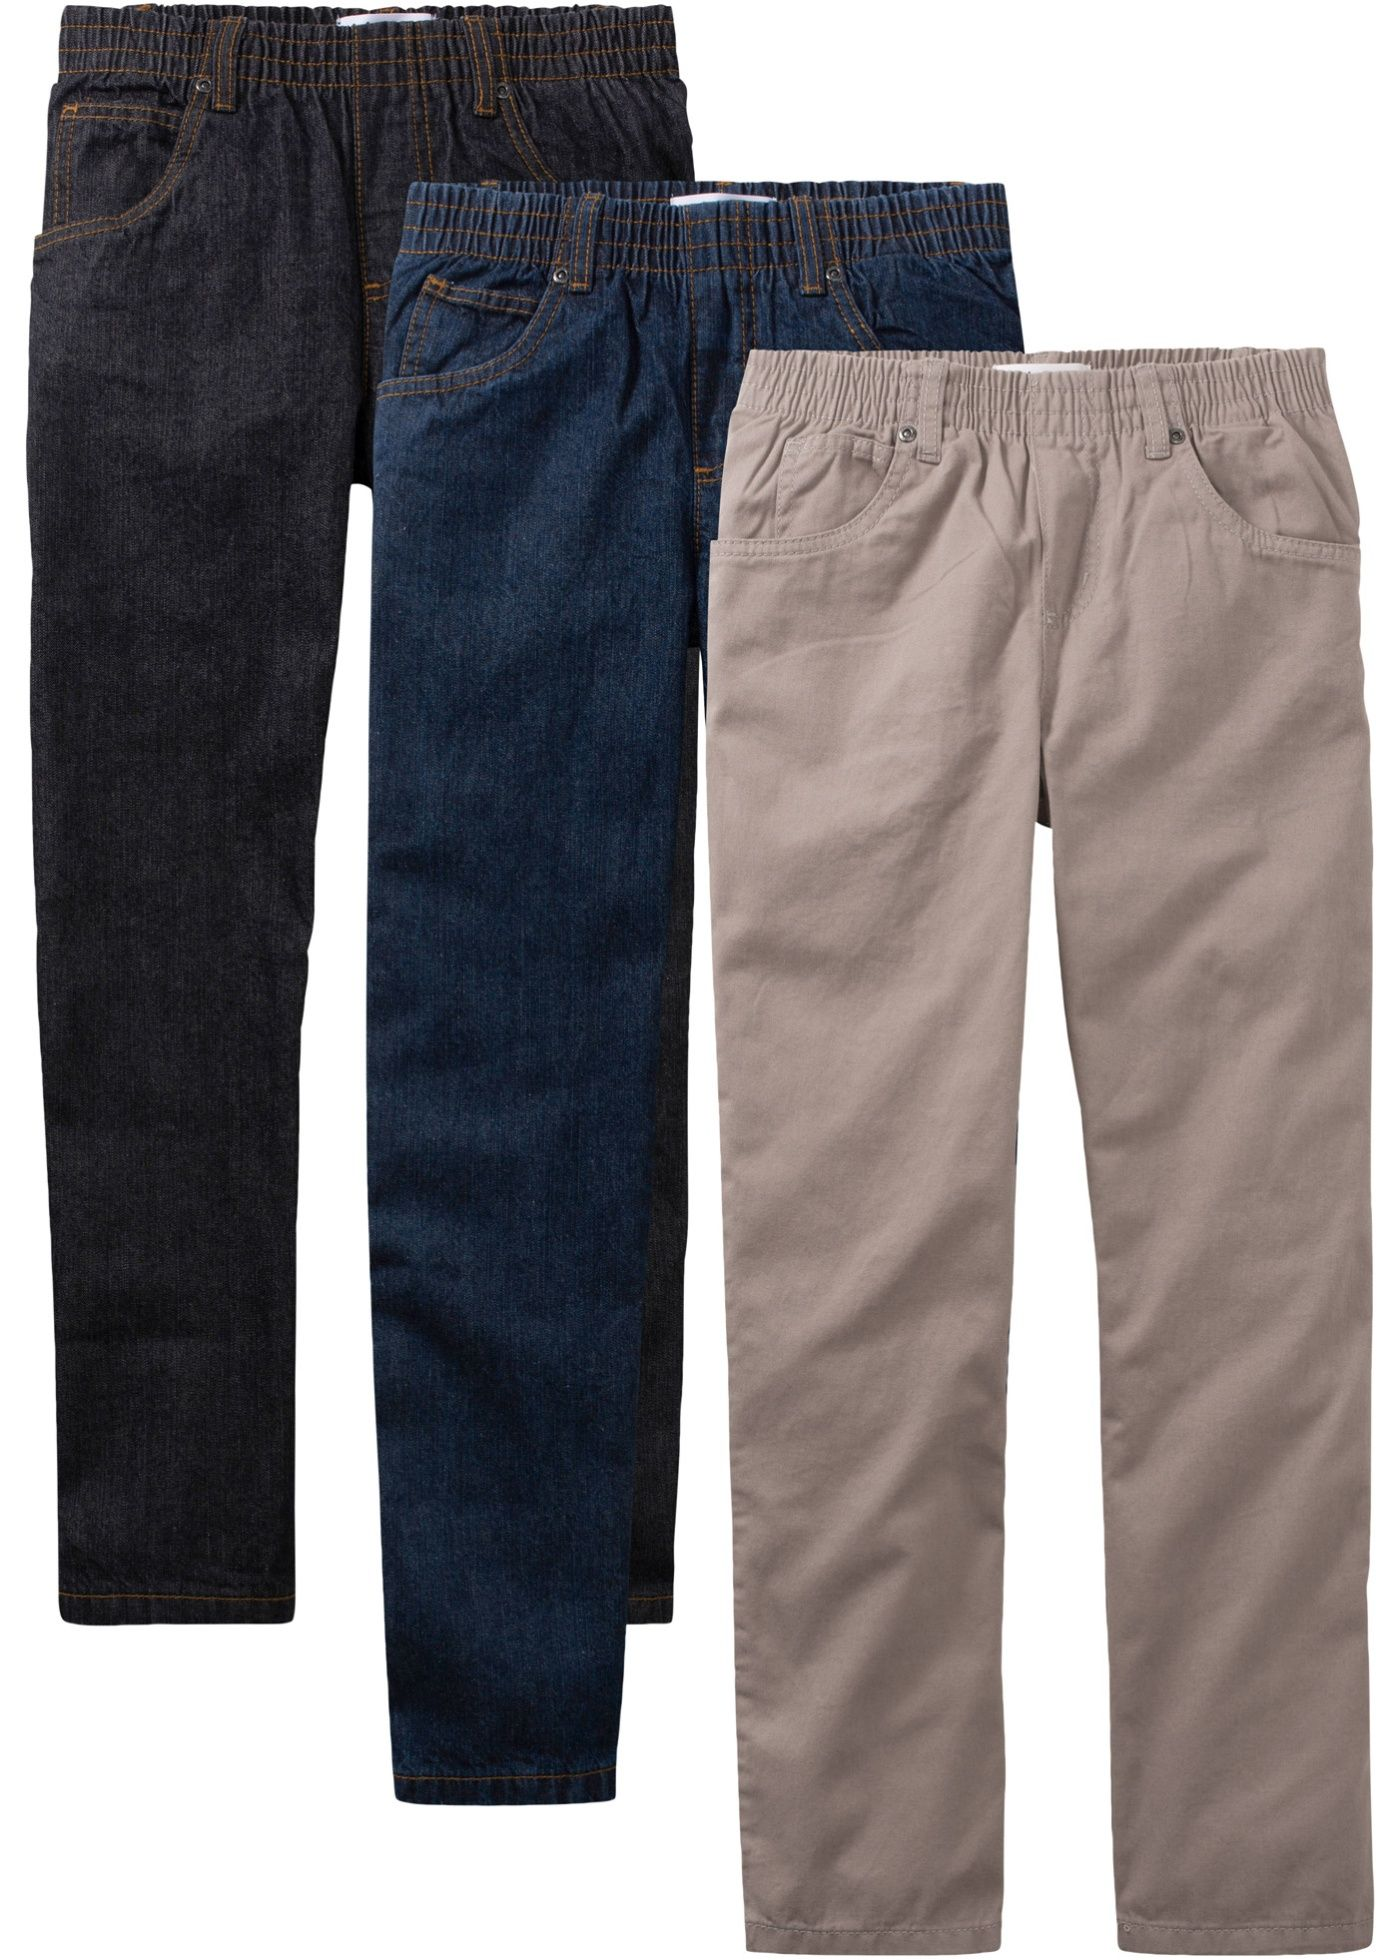 Lässige 5-Pocket-Jeans mit elastischem Bund – tarnfarben/dunkeloliv/blue stone, normal